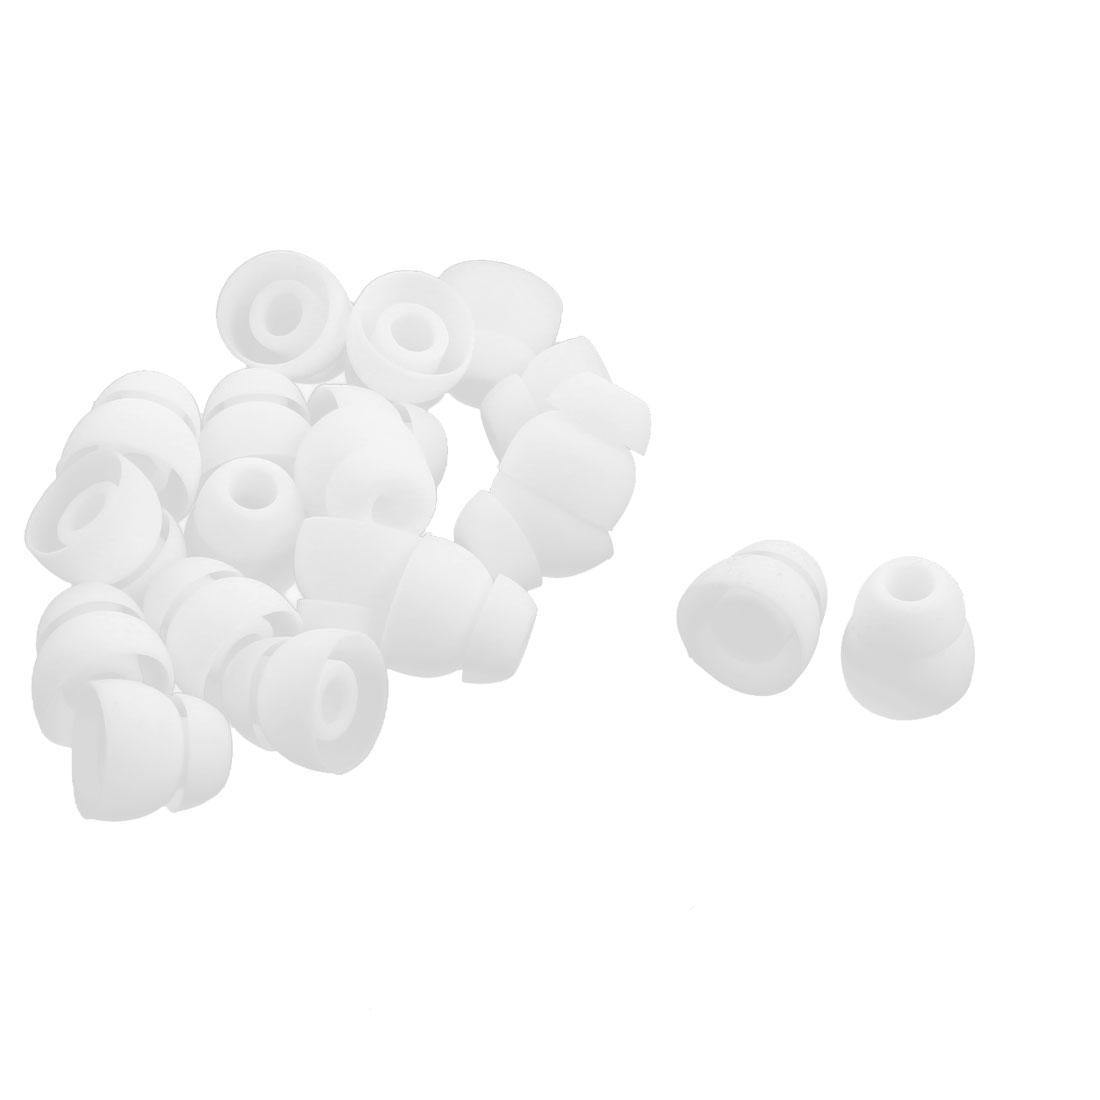 20 Pcs White Silicone Double Flange Earbud Ear Buds Eartips In-Ear Earplug